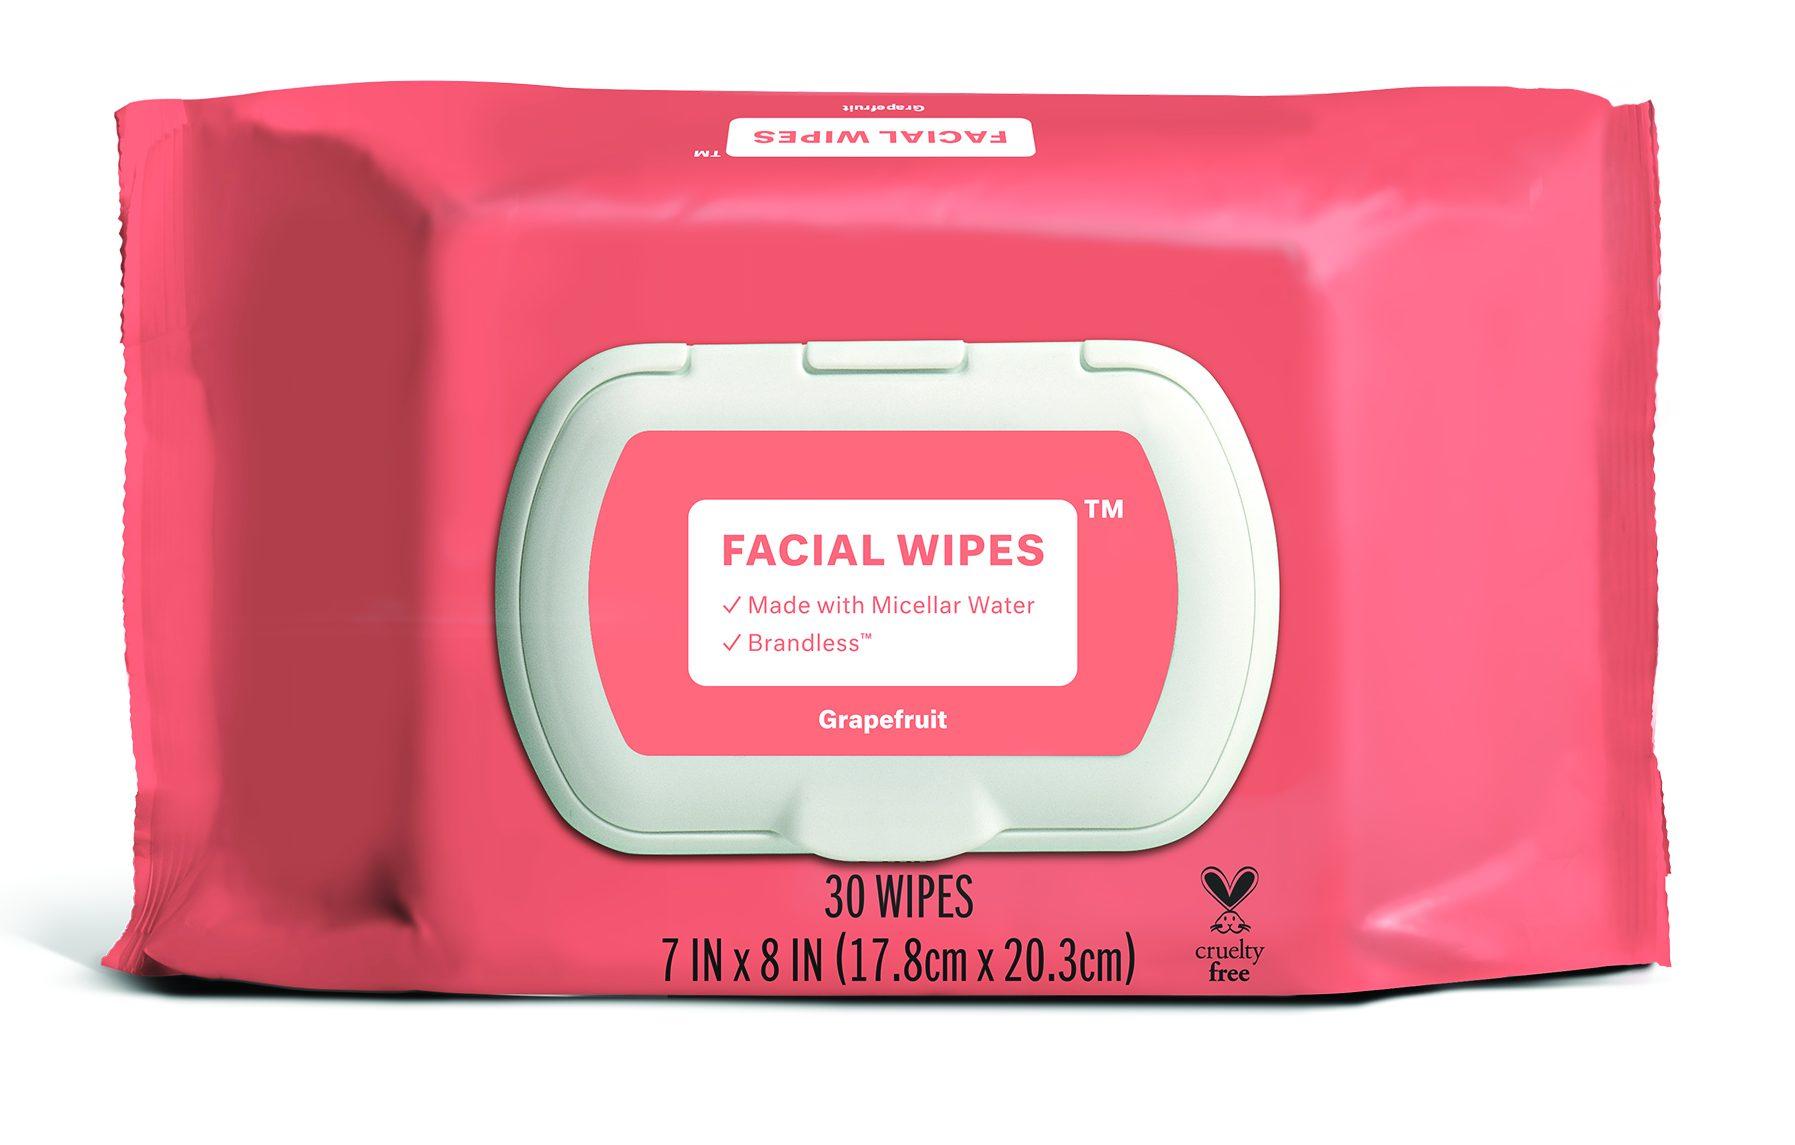 brandless-face-wipes-e1556053370263.jpg